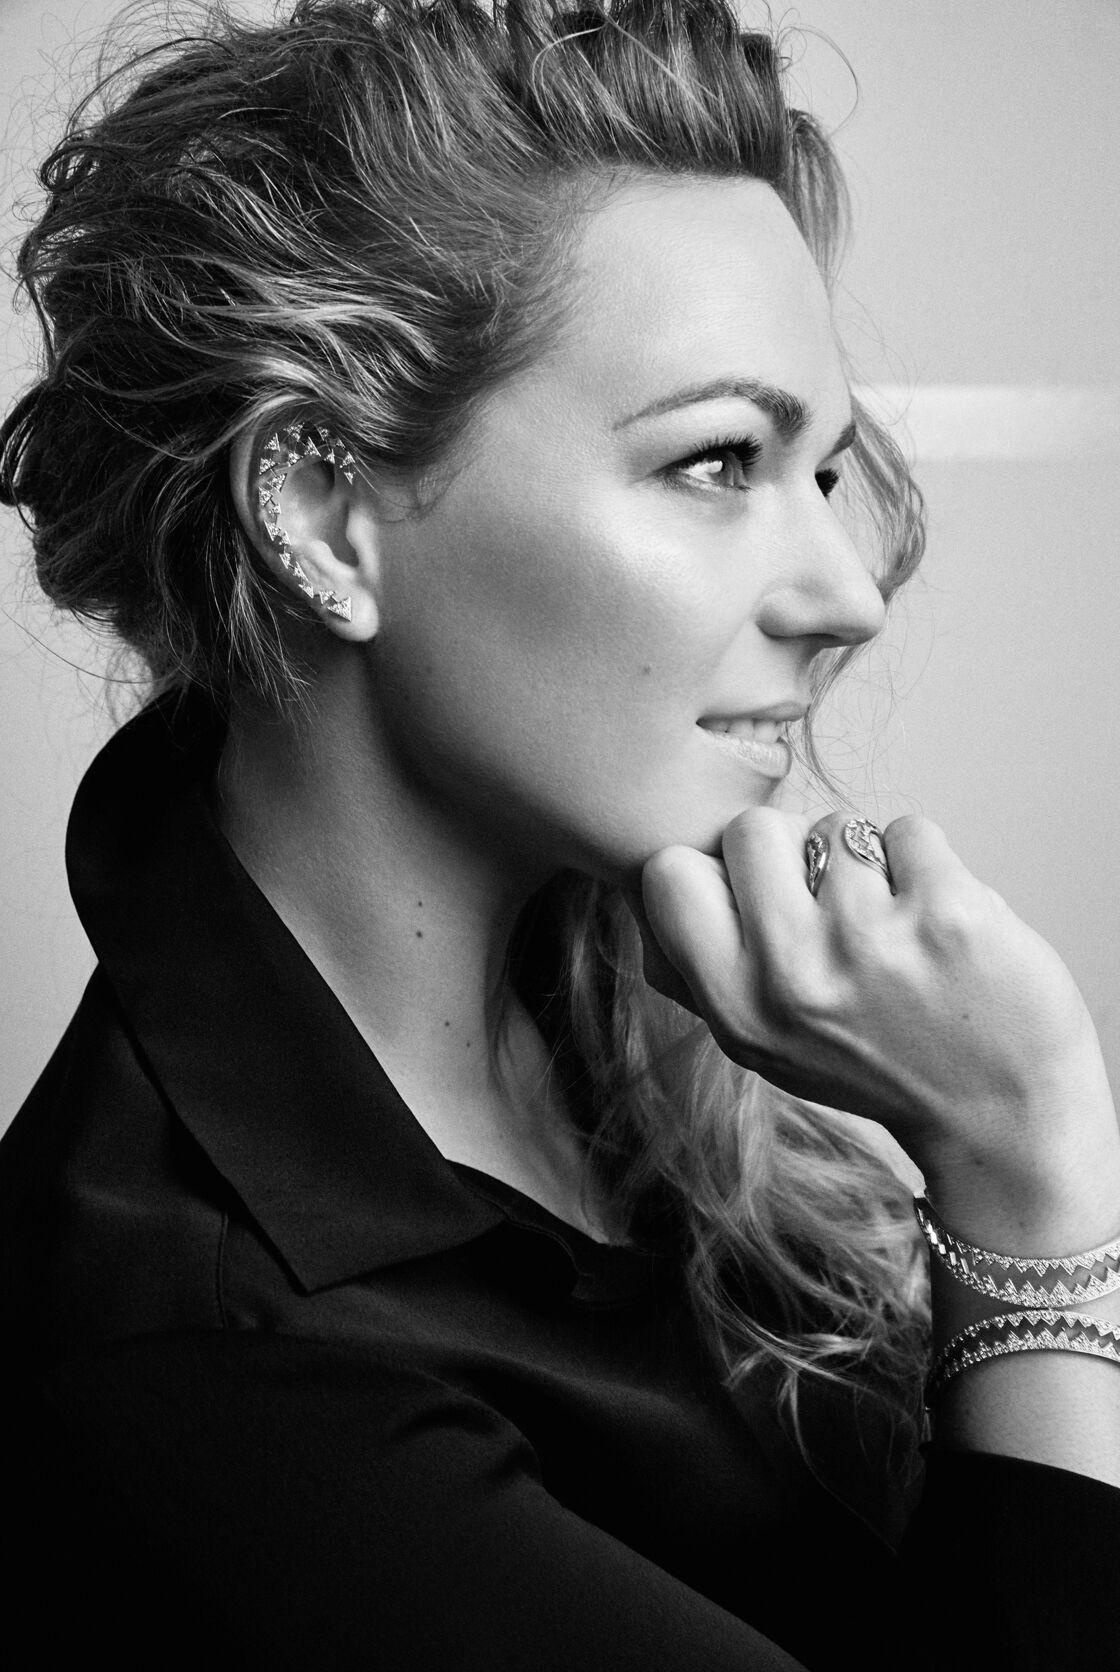 Caroline Gaspard est passionnée de joaillerie depuis sa tendre enfance. Femme de conviction, elle n'a pas peur de casser les codes. Pari réussi avec cette nouvelle collection inédite qui sera lancée au mois de juin.